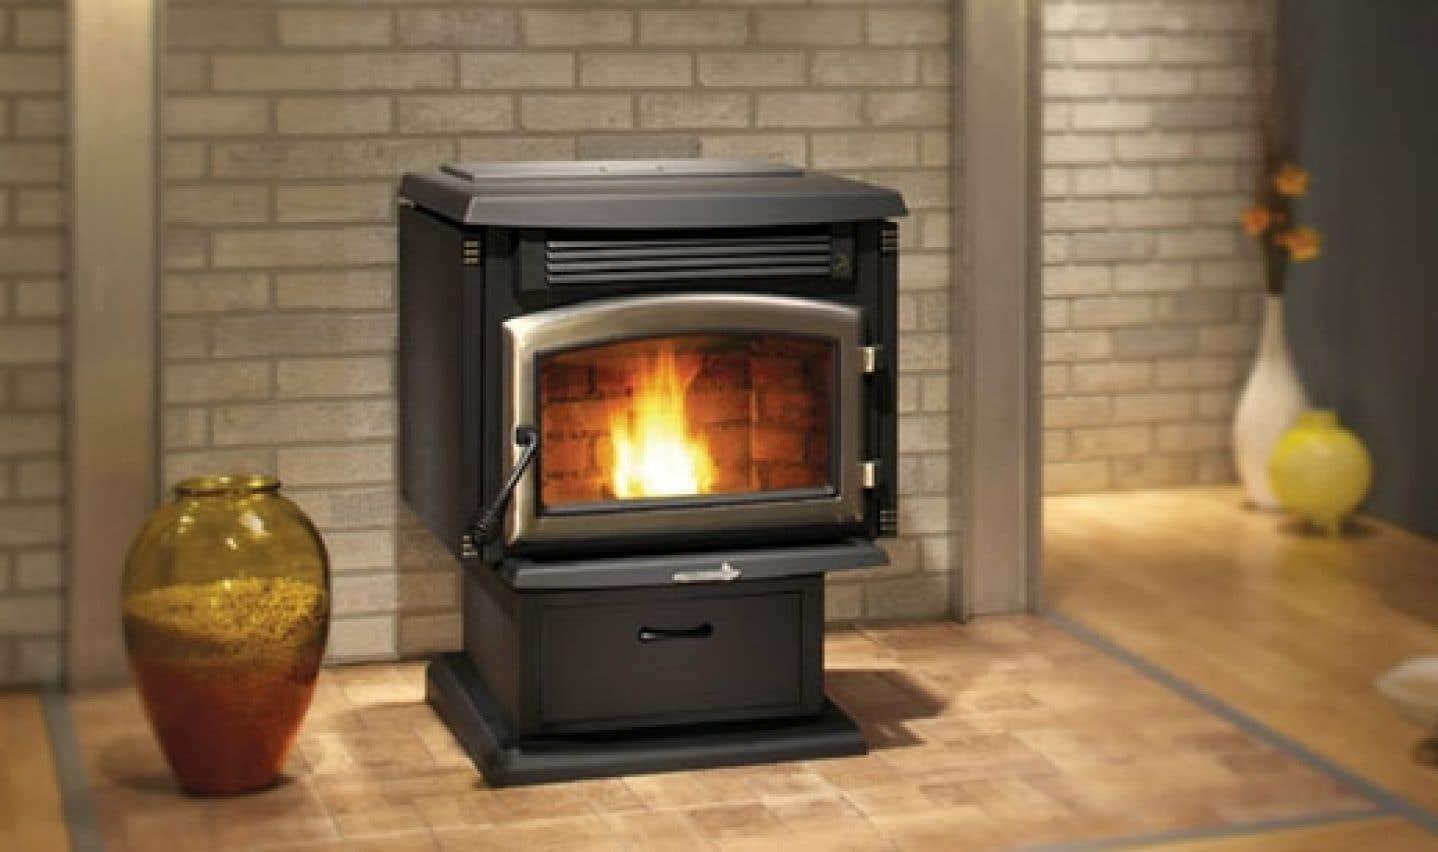 Dans 7 ans, les foyers aux granules de bois seront les seuls modèles à combustion solide autorisés à Montréal, à condition qu'ils soient certifiés EPA.